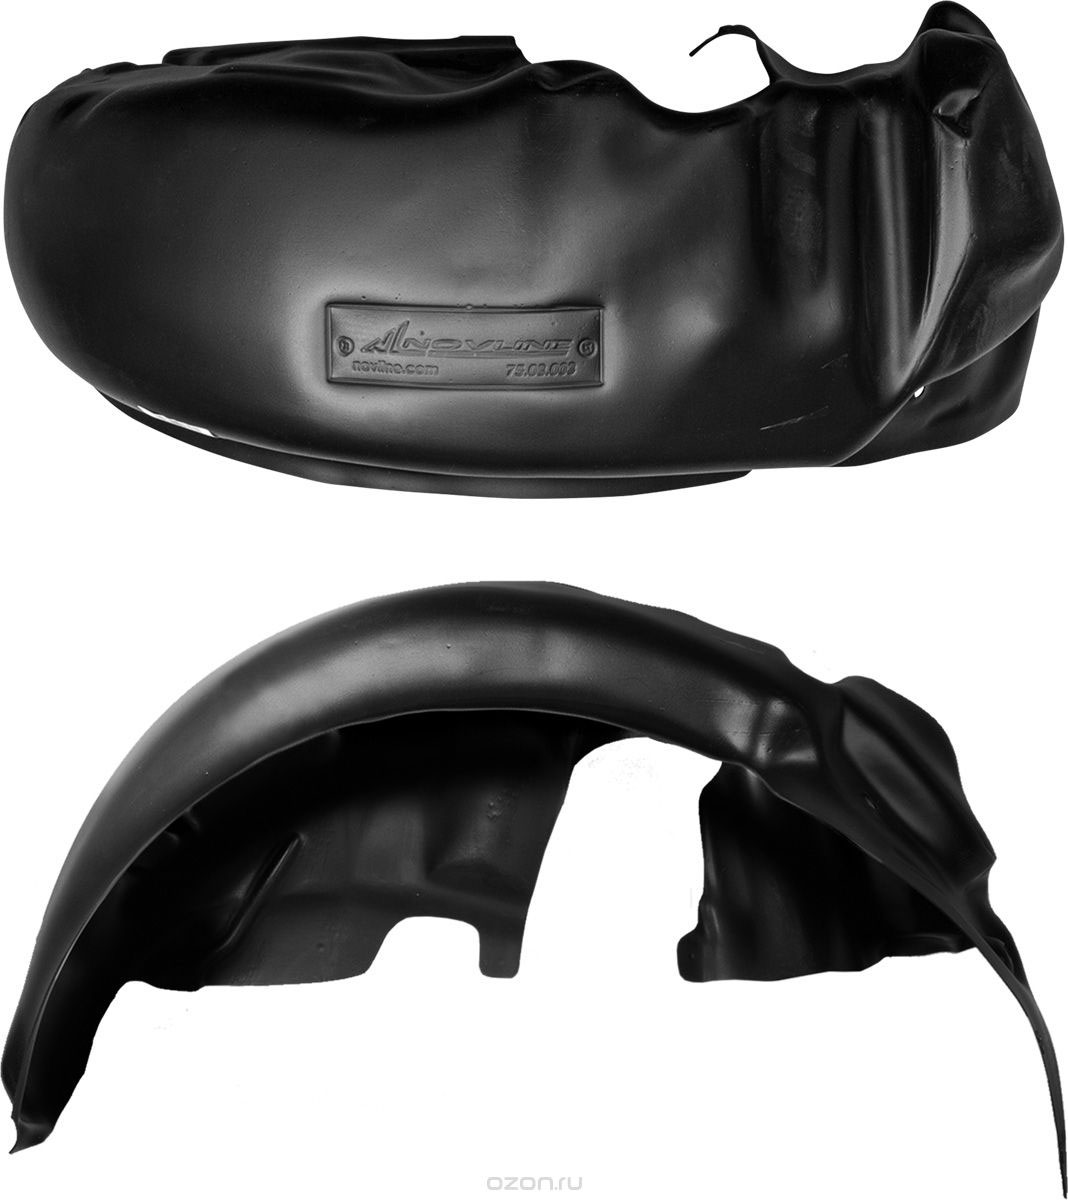 Подкрылок Novline-Autofamily, для Hyundai i30, 2007-2011, задний левыйNLL.20.28.003Идеальная защита колесной ниши. Локеры разработаны с применением цифровых технологий, гарантируют максимальную повторяемость поверхности арки. Изделия устанавливаются без нарушения лакокрасочного покрытия автомобиля, каждый подкрылок комплектуется крепежом. Уважаемые клиенты, обращаем ваше внимание, что фотографии на подкрылки универсальные и не отражают реальную форму изделия. При этом само изделие идет точно под размер указанного автомобиля.